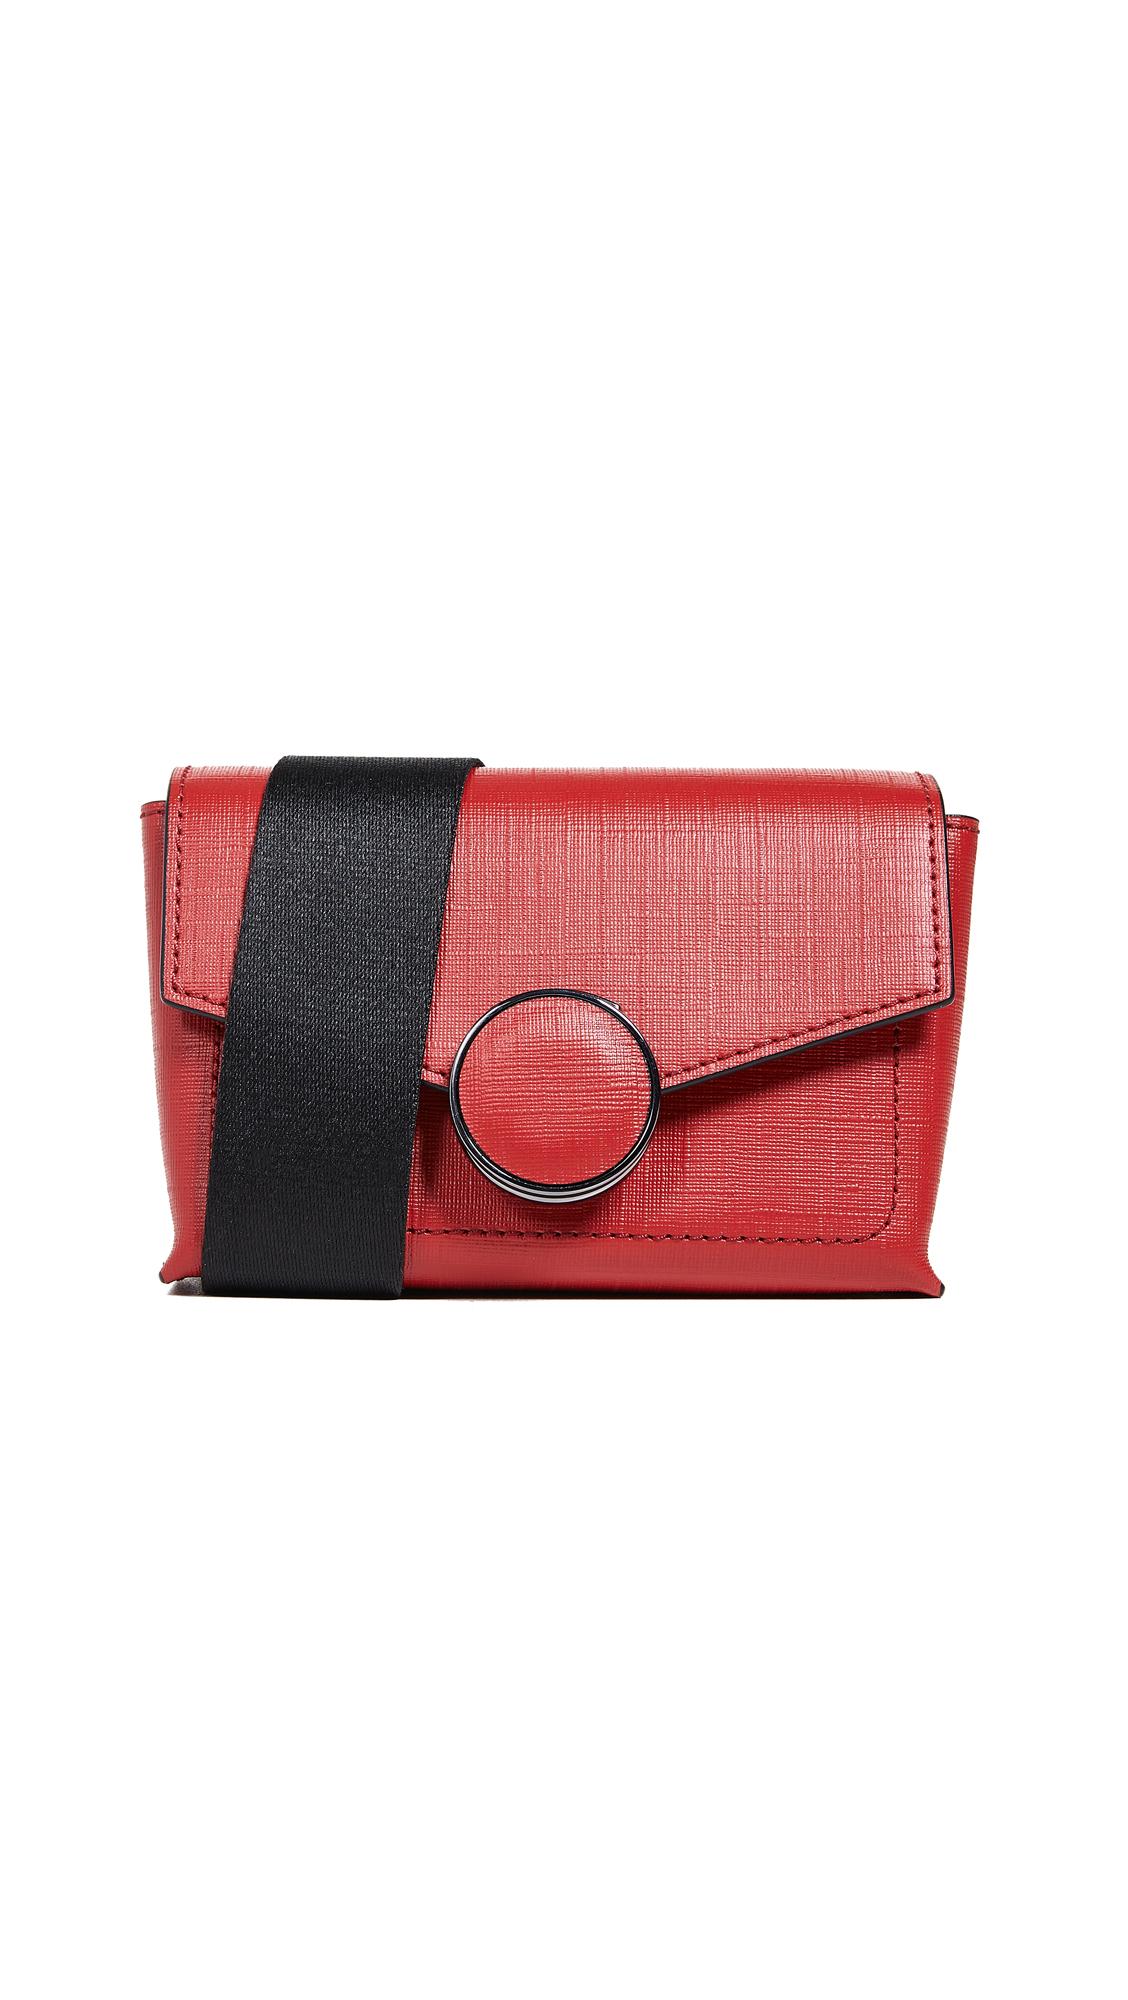 Nolita Belt Bag in Fire Red